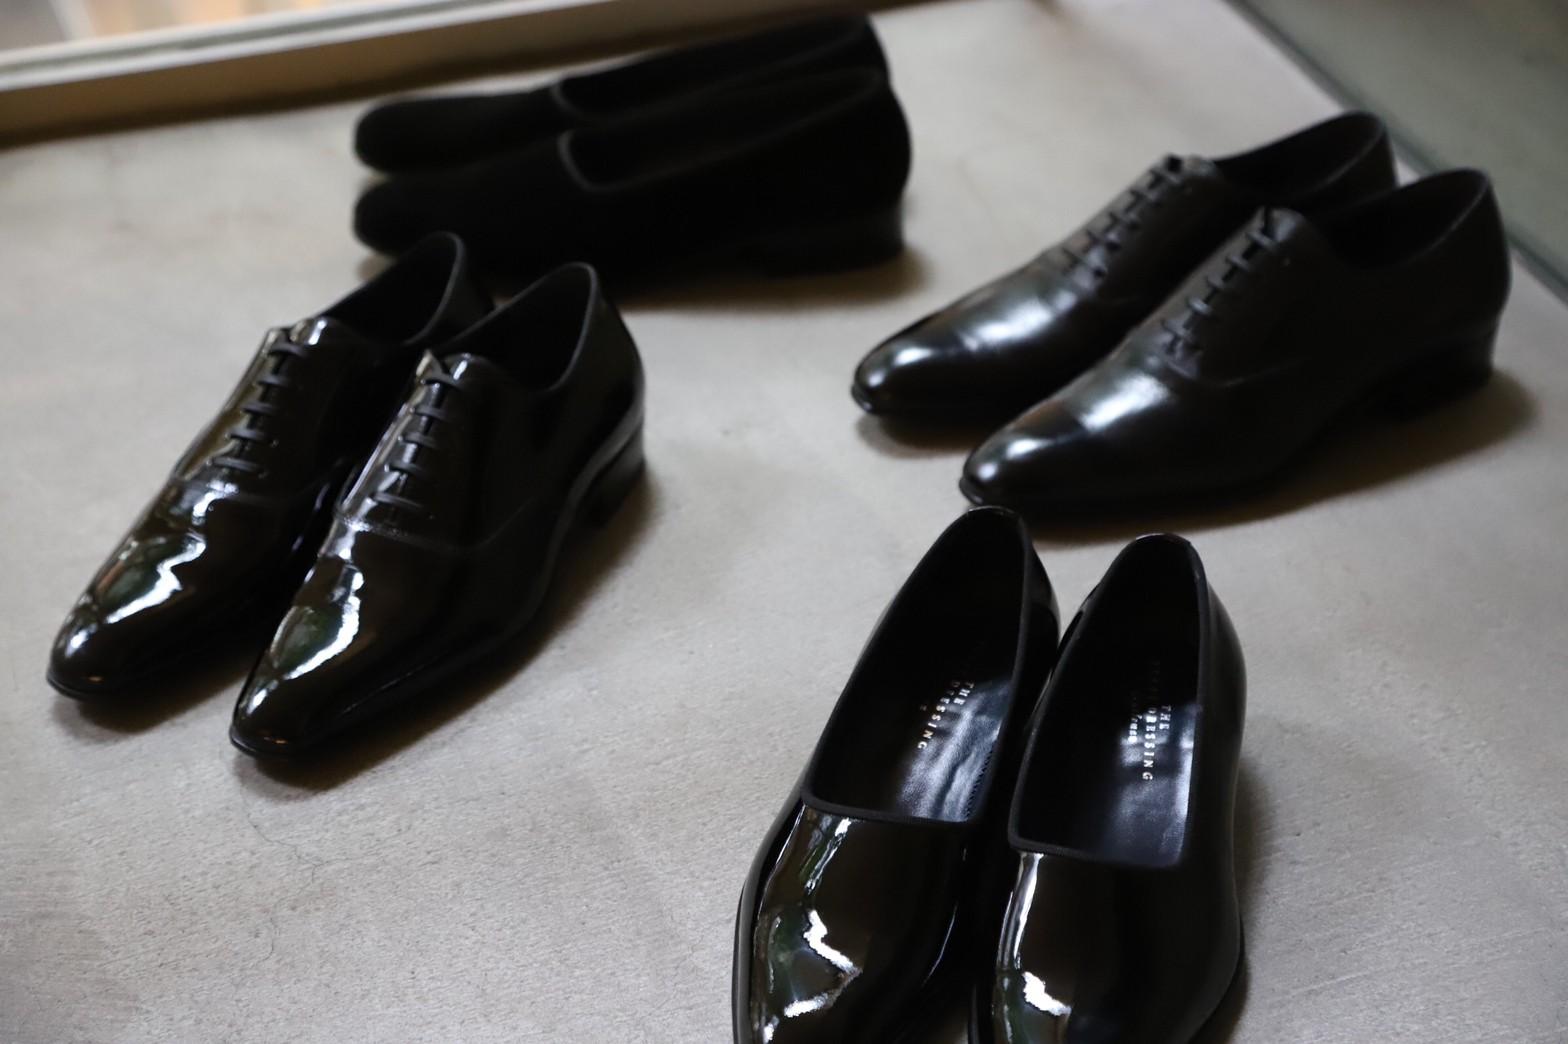 ザトリートドレッシング京都店がご紹介するご新郎様におすすめのイタリアブランド il micio (イルミーチョ)のドレスシューズ